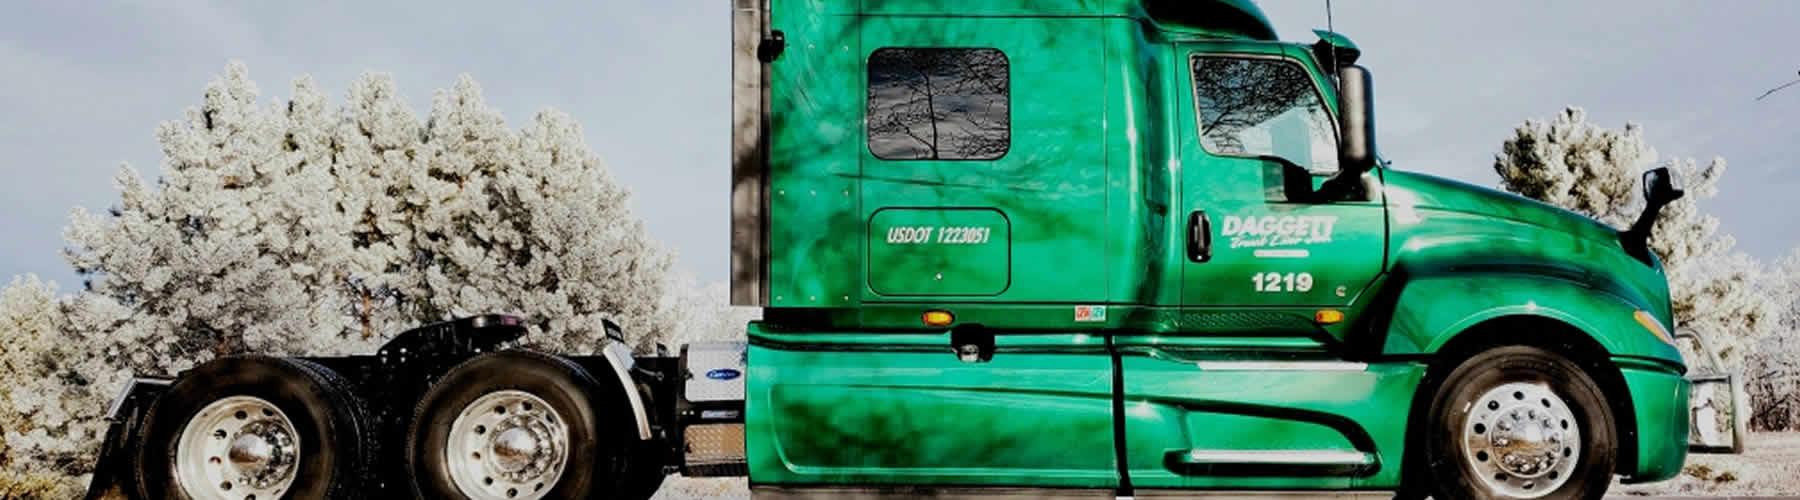 Daggett Truck Line Inc. has an office in Clearwater, Minnesota.